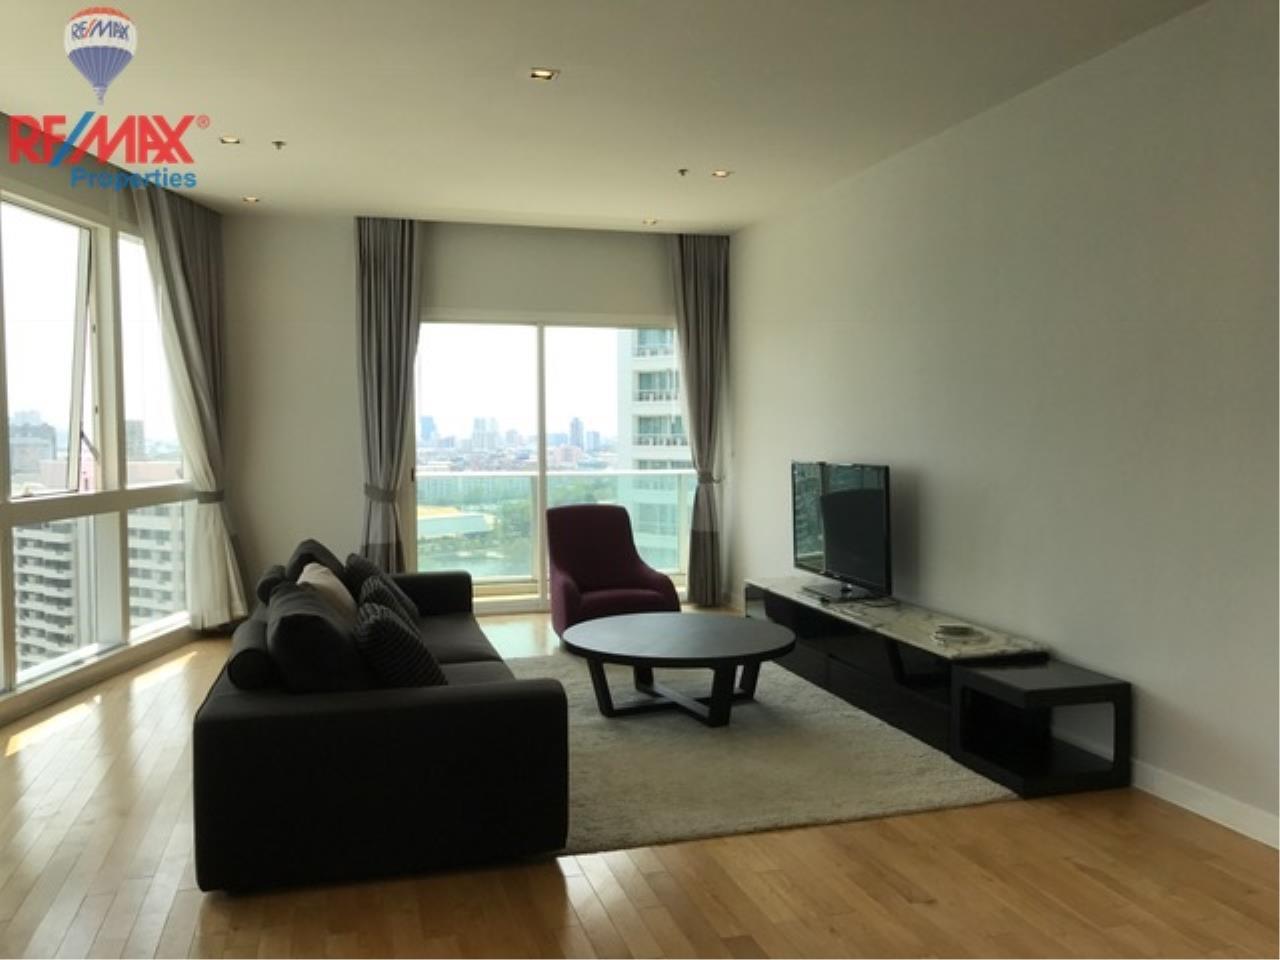 1 Bedroom At Millennuim Residence Sukhumvit Rent Millennium Residence 3 1 Bedroom 193 Sqm For Rent Prakard